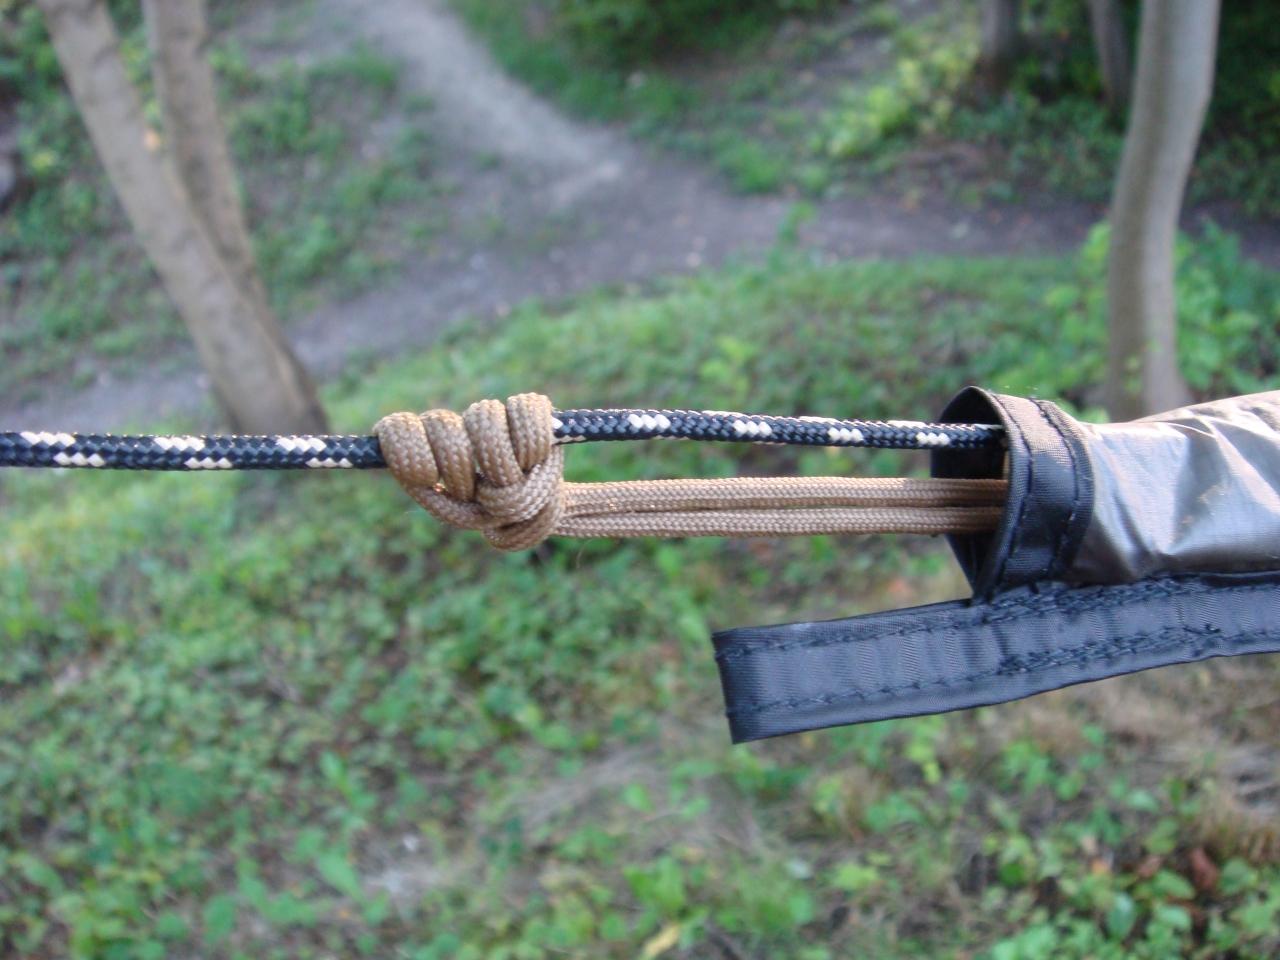 Snakeskins hammock diy snake skins hammock and snake for Diy hammock straps paracord